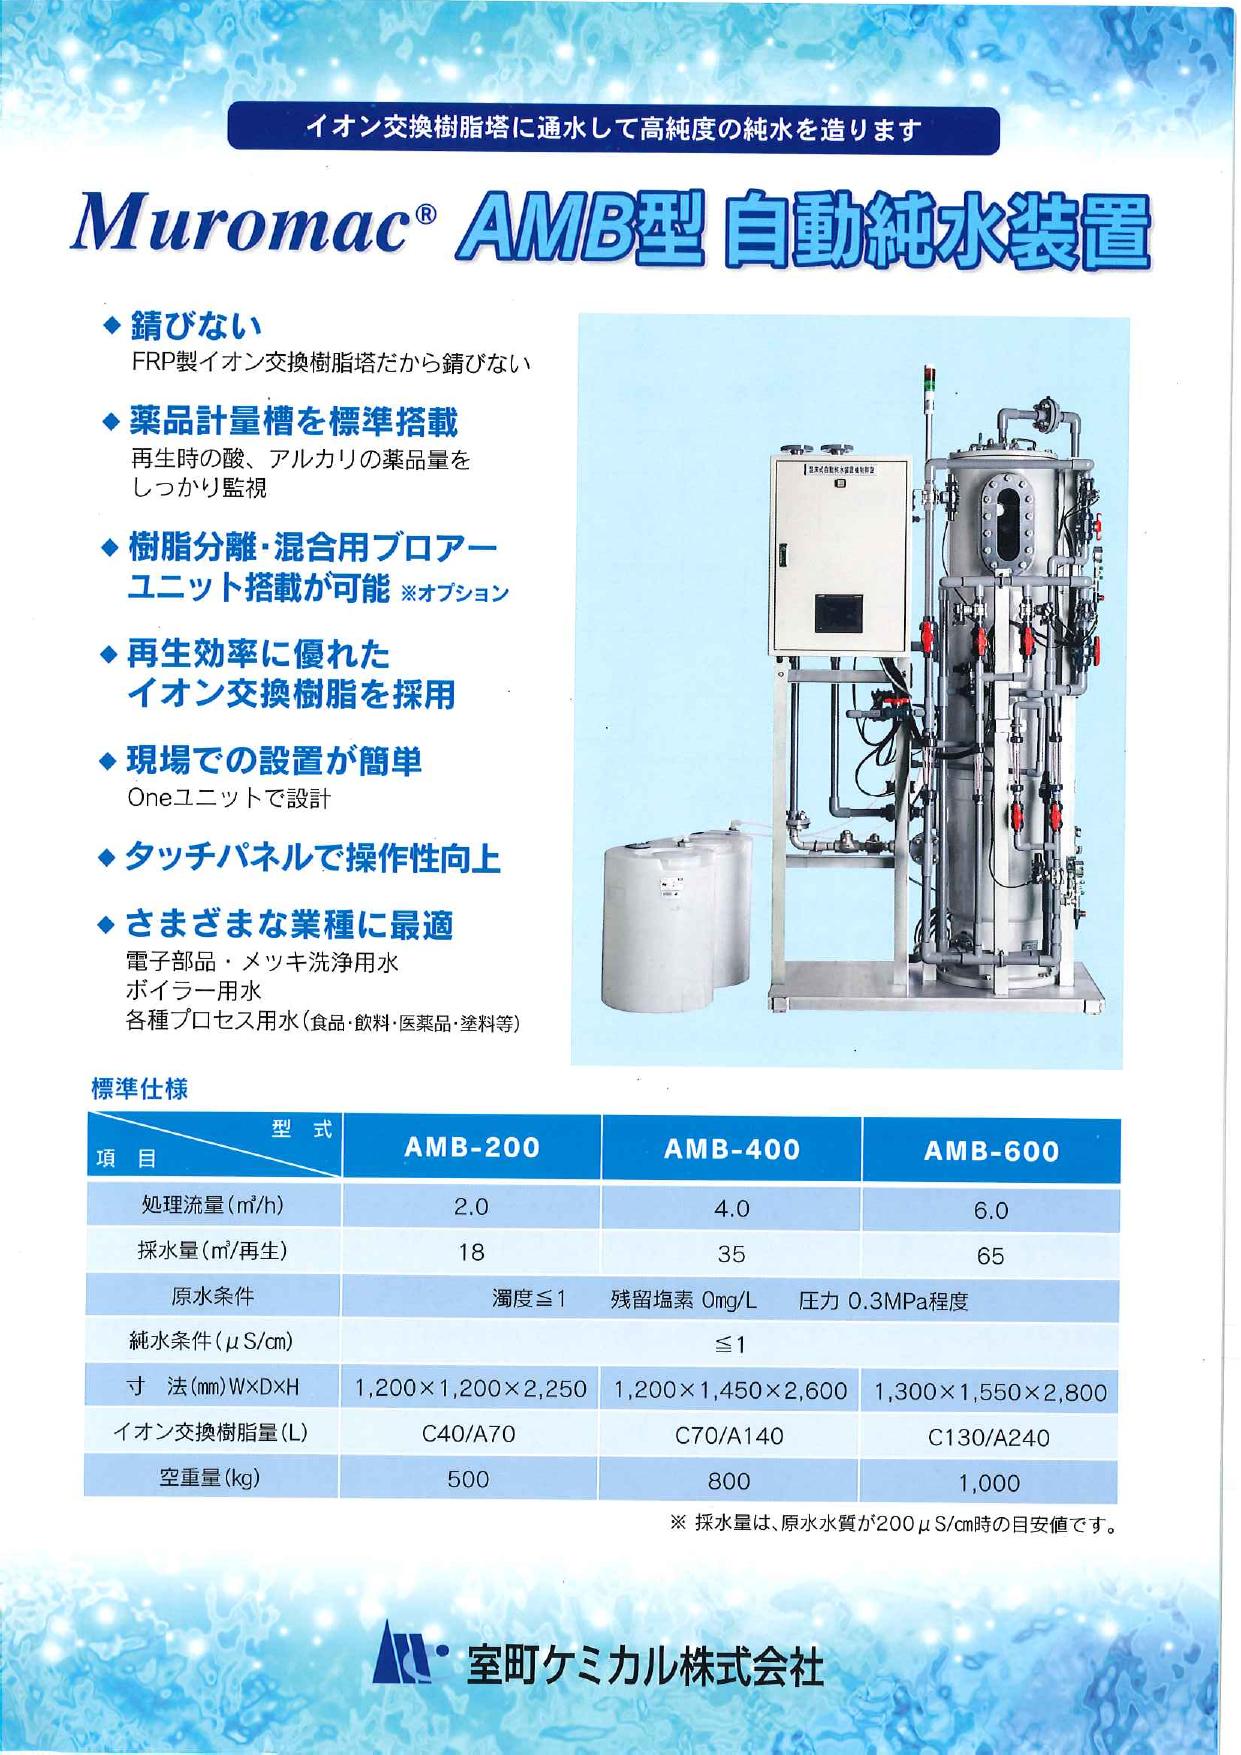 Muromac(R) AMB型自動純水装置